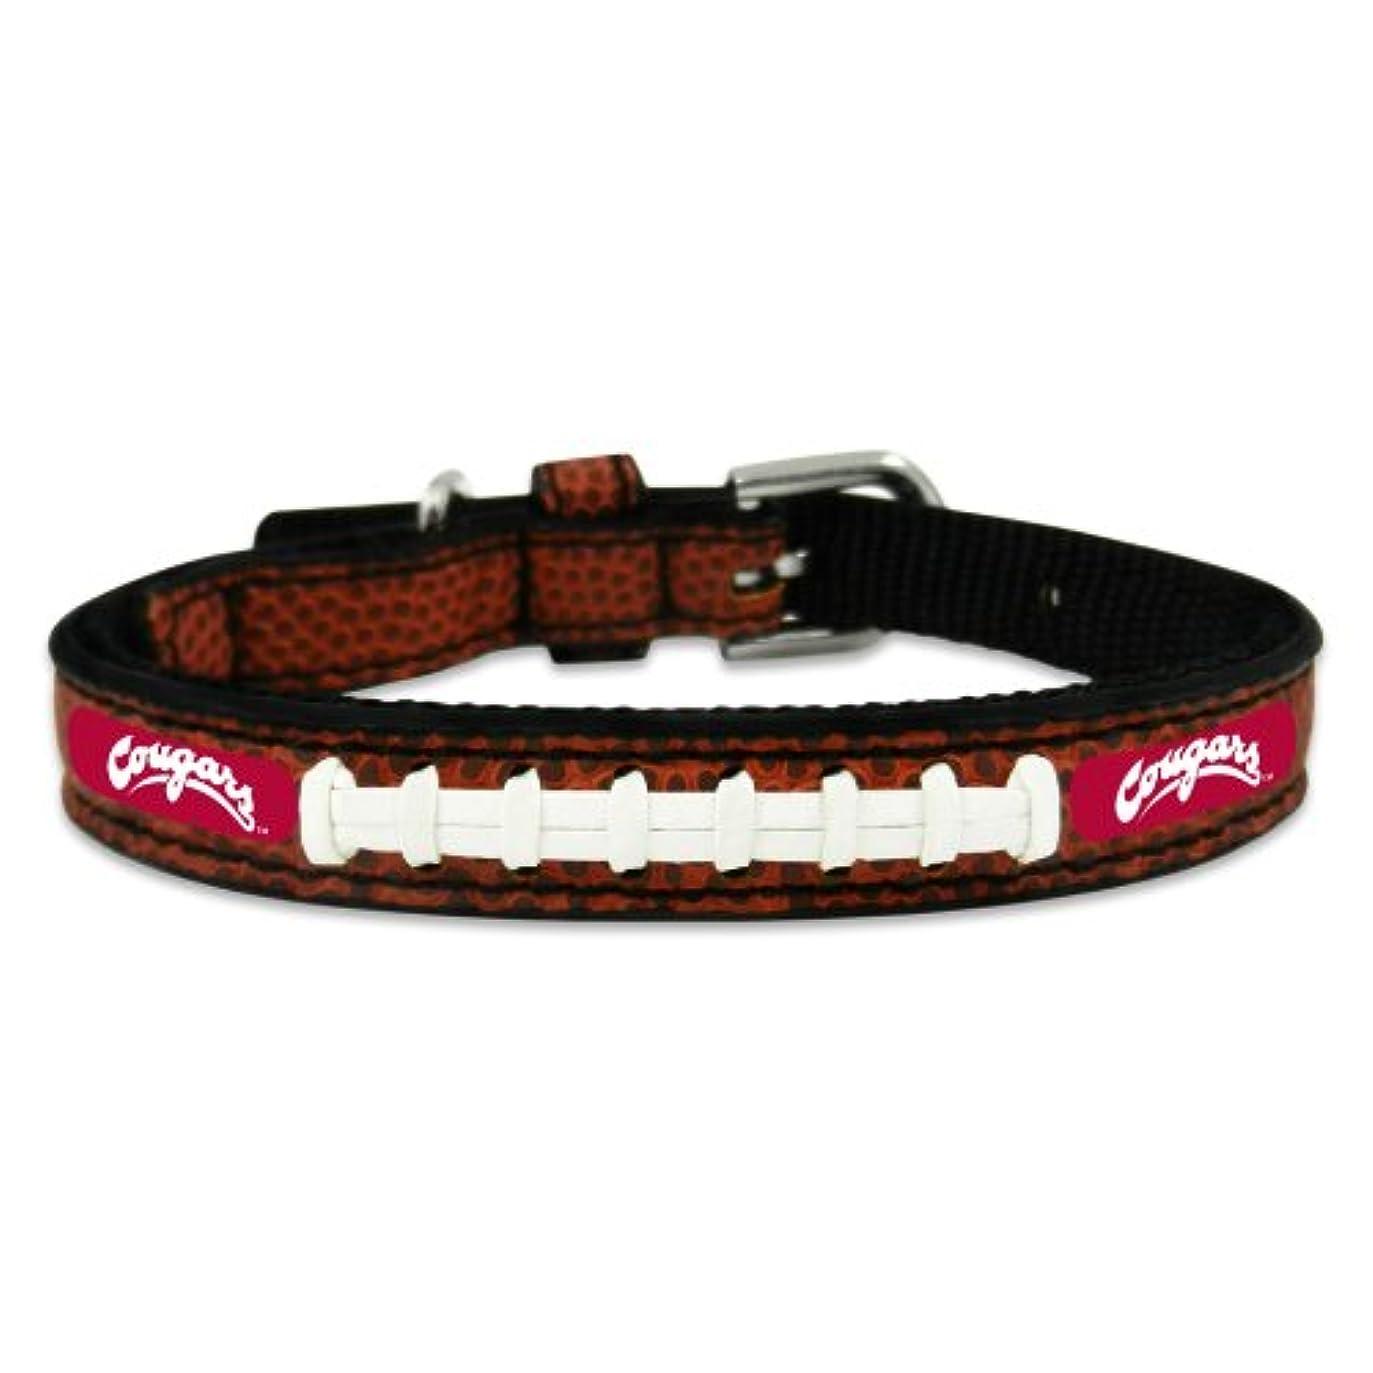 後世ミサイルホームWashington State Cougars Classic Leather Toy Football Collar